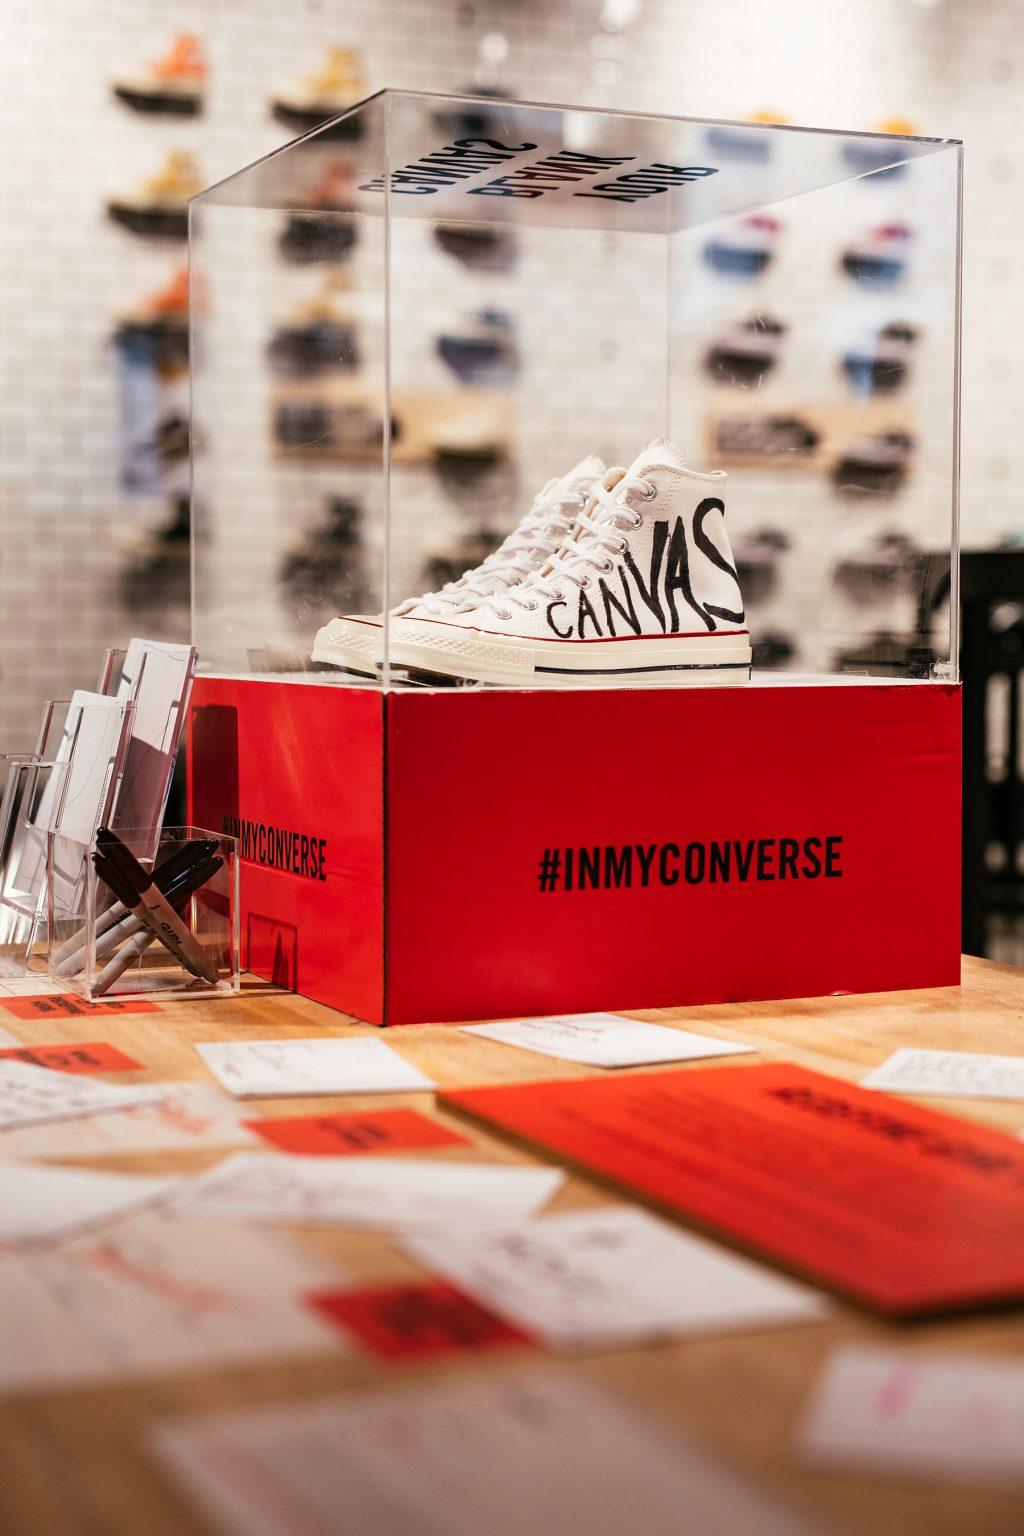 """Mượn giày Converse để trả lời cho câu hỏi """"Như thế nào là con gái?"""" 10"""